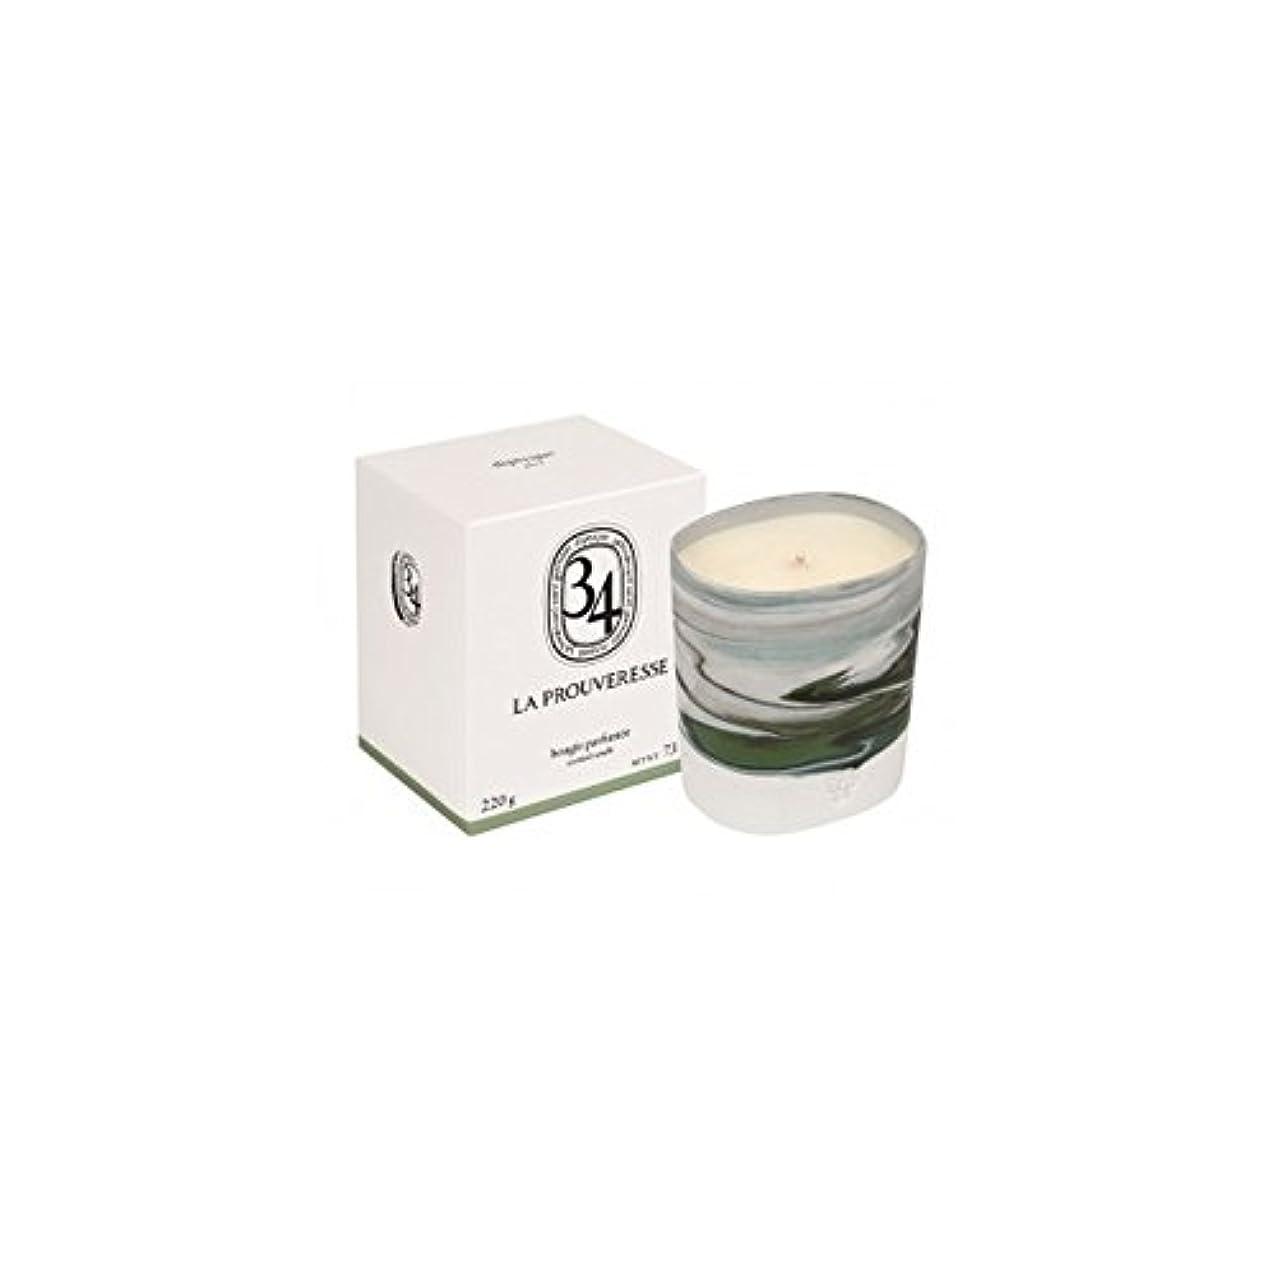 失望させるパンサー冷えるDiptyque Collection 34 La Prouveresse Scented Candle 220g (Pack of 2) - ラProuveresse Diptyqueコレクション34香りのキャンドル220...